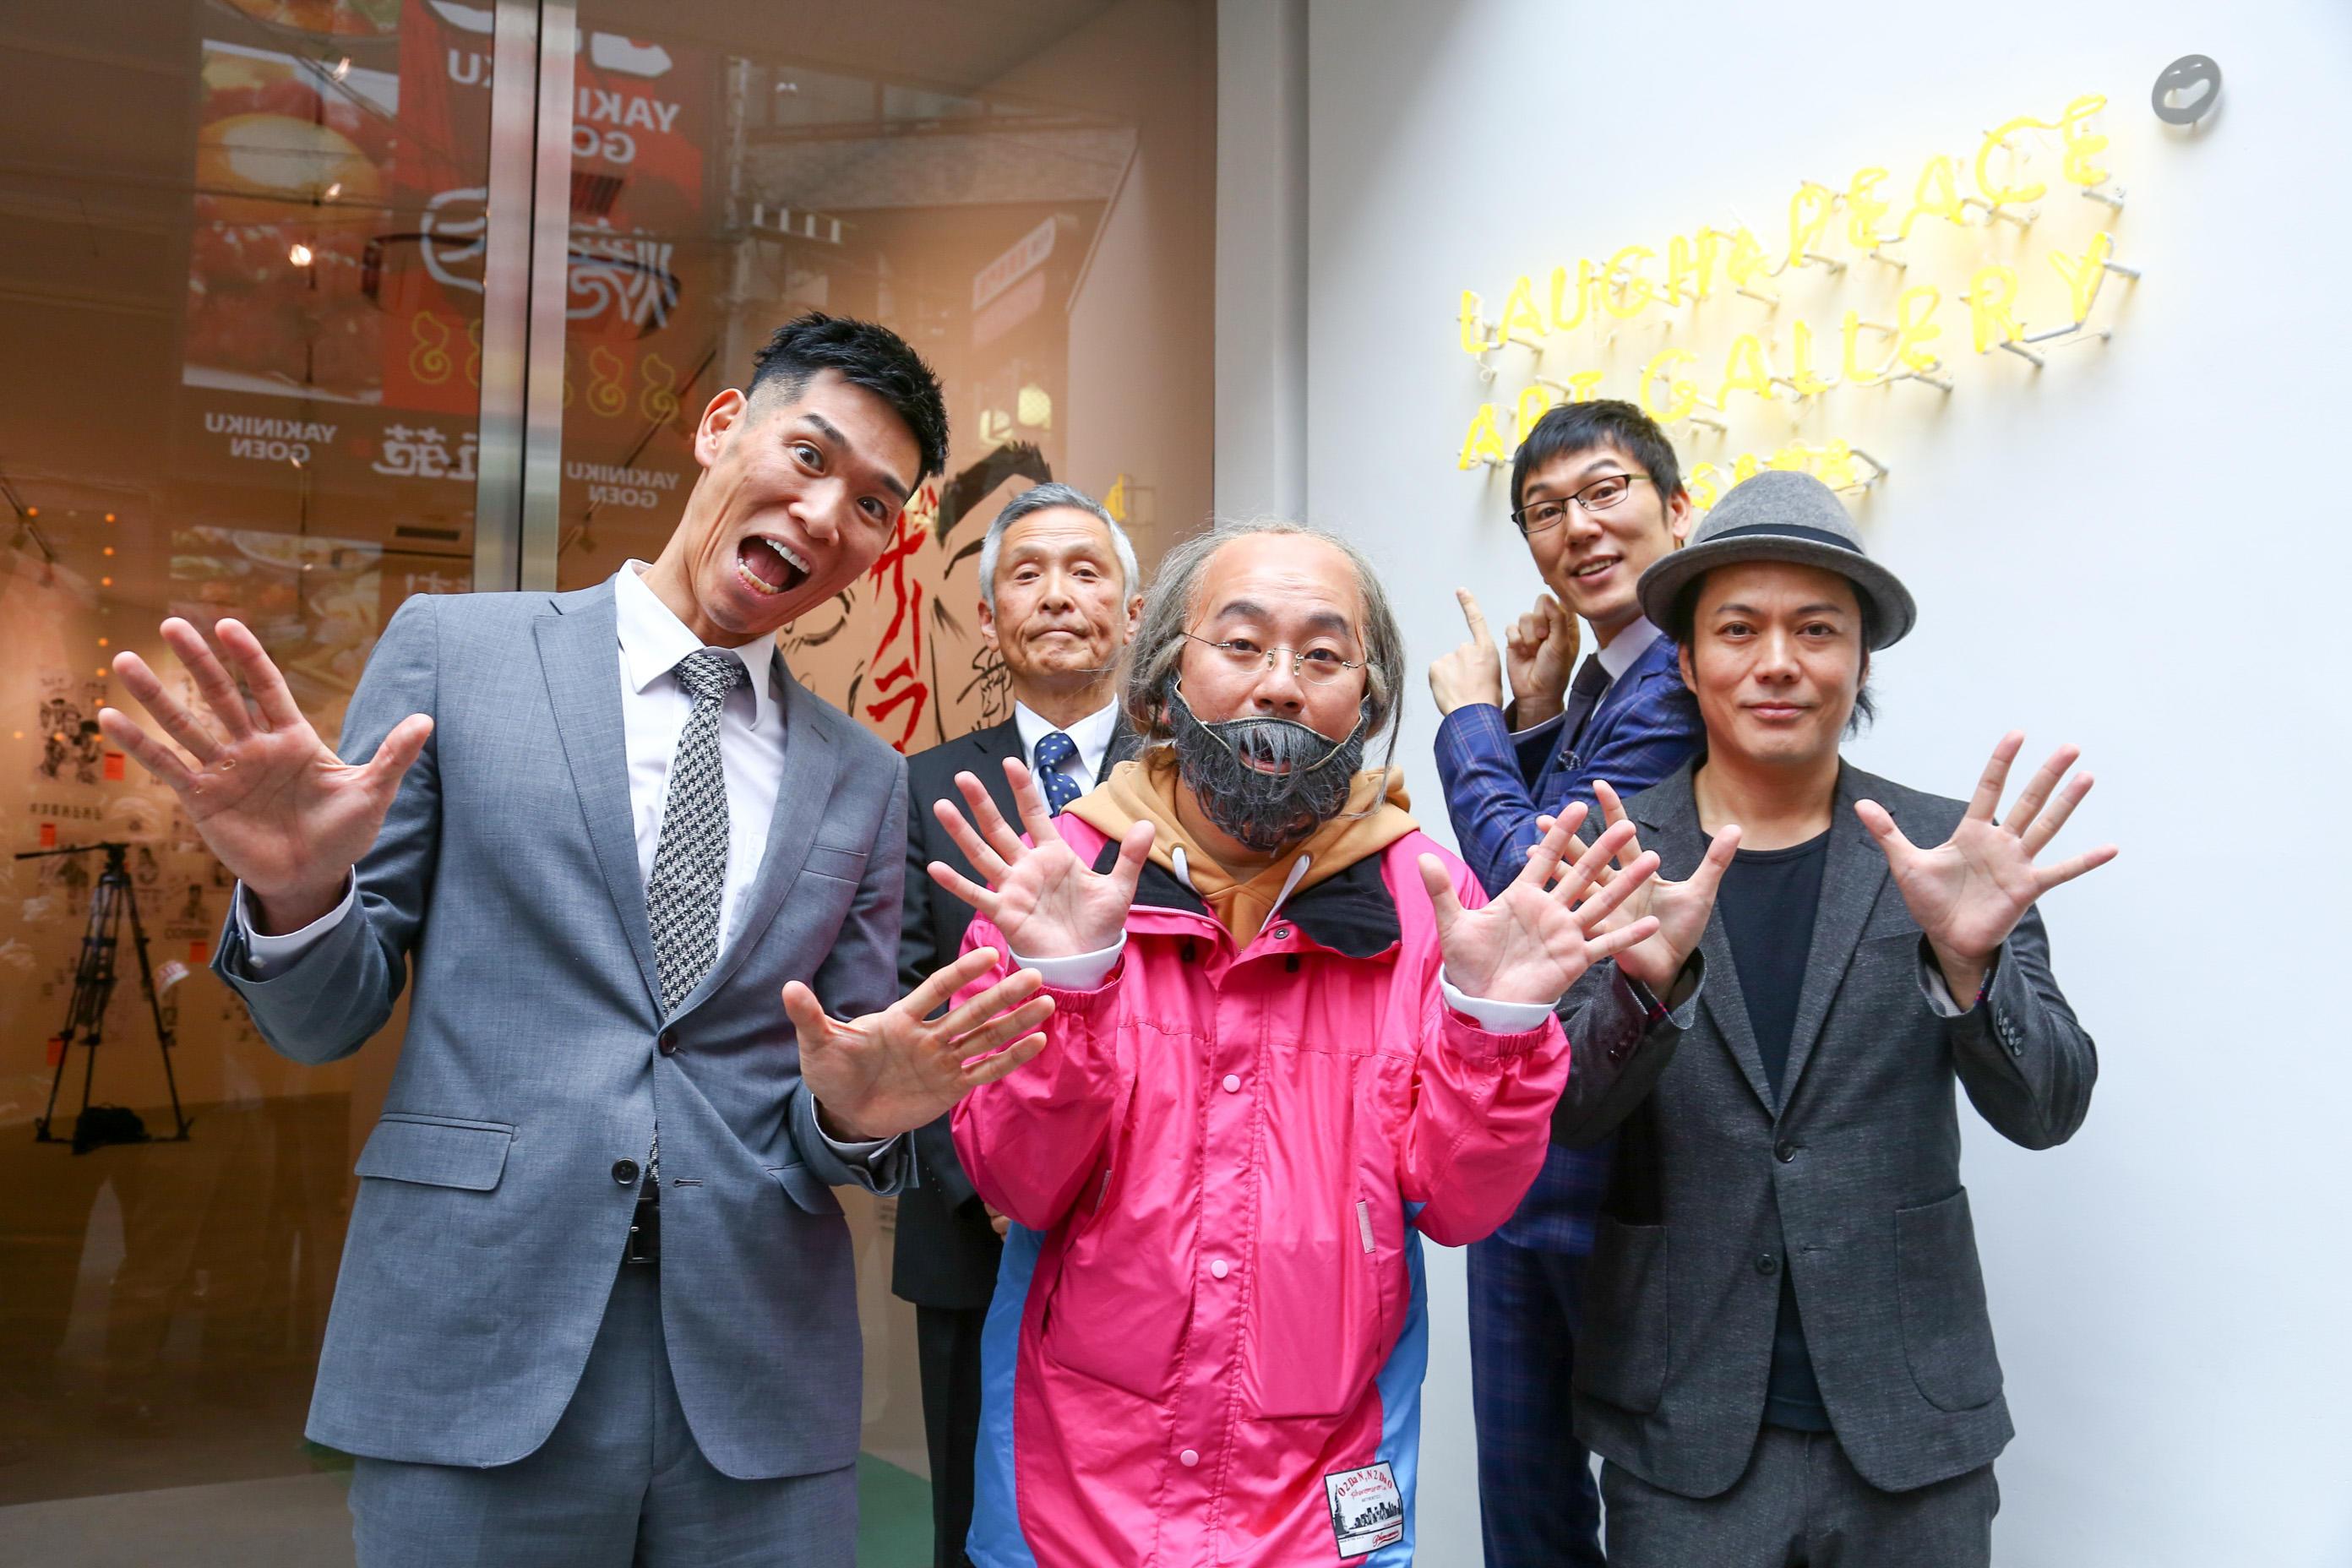 http://news.yoshimoto.co.jp/20190110201909-072a7ff5b7165fc0bf43a0dbde3c4bfd6f4ded85.jpg